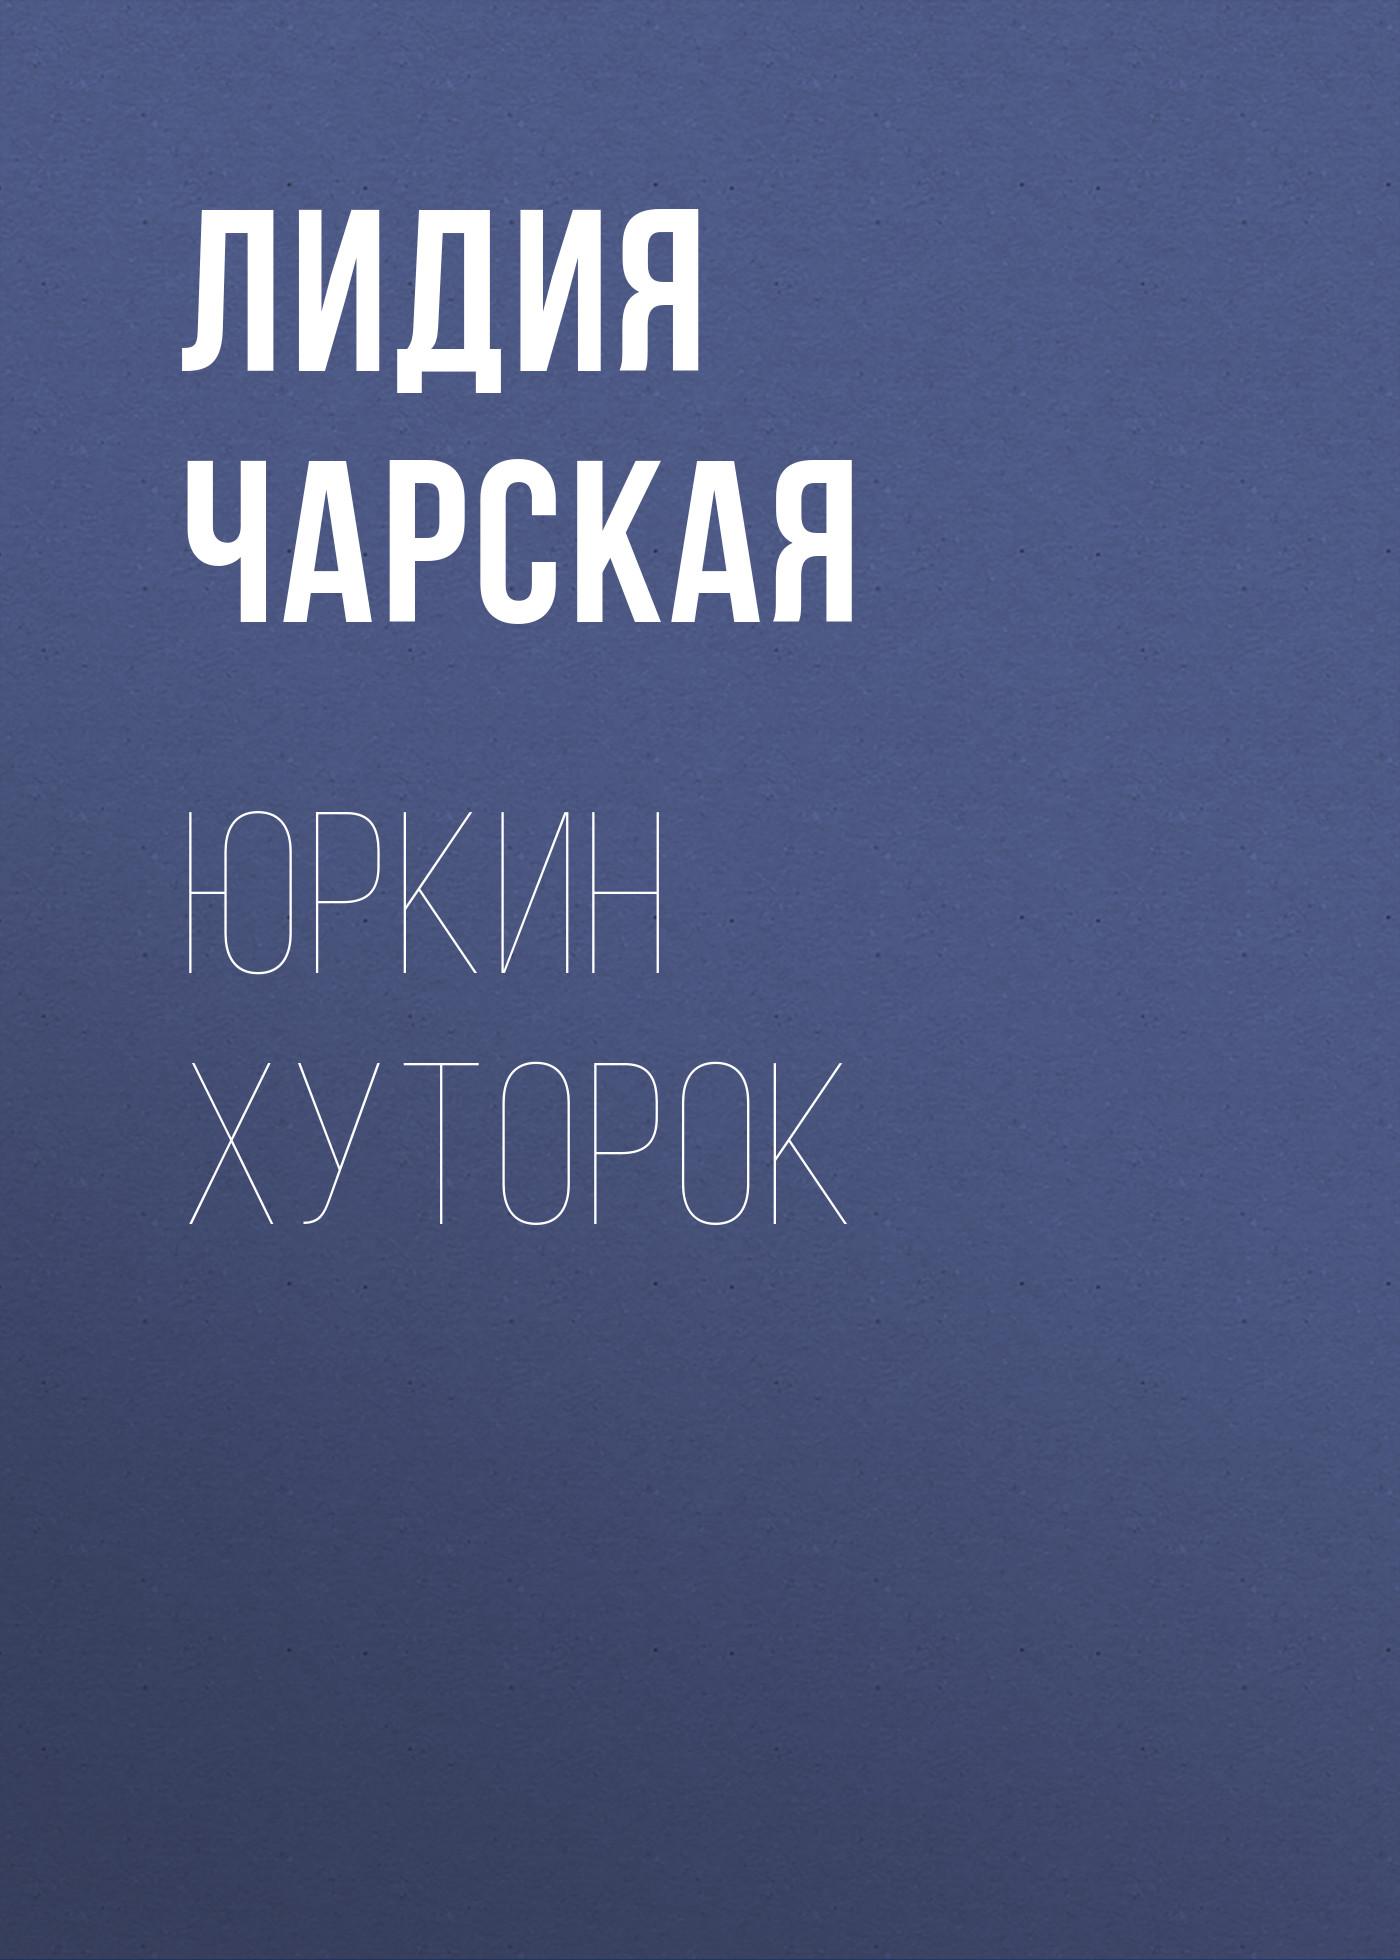 Купить книгу Юркин хуторок, автора Лидии Чарской